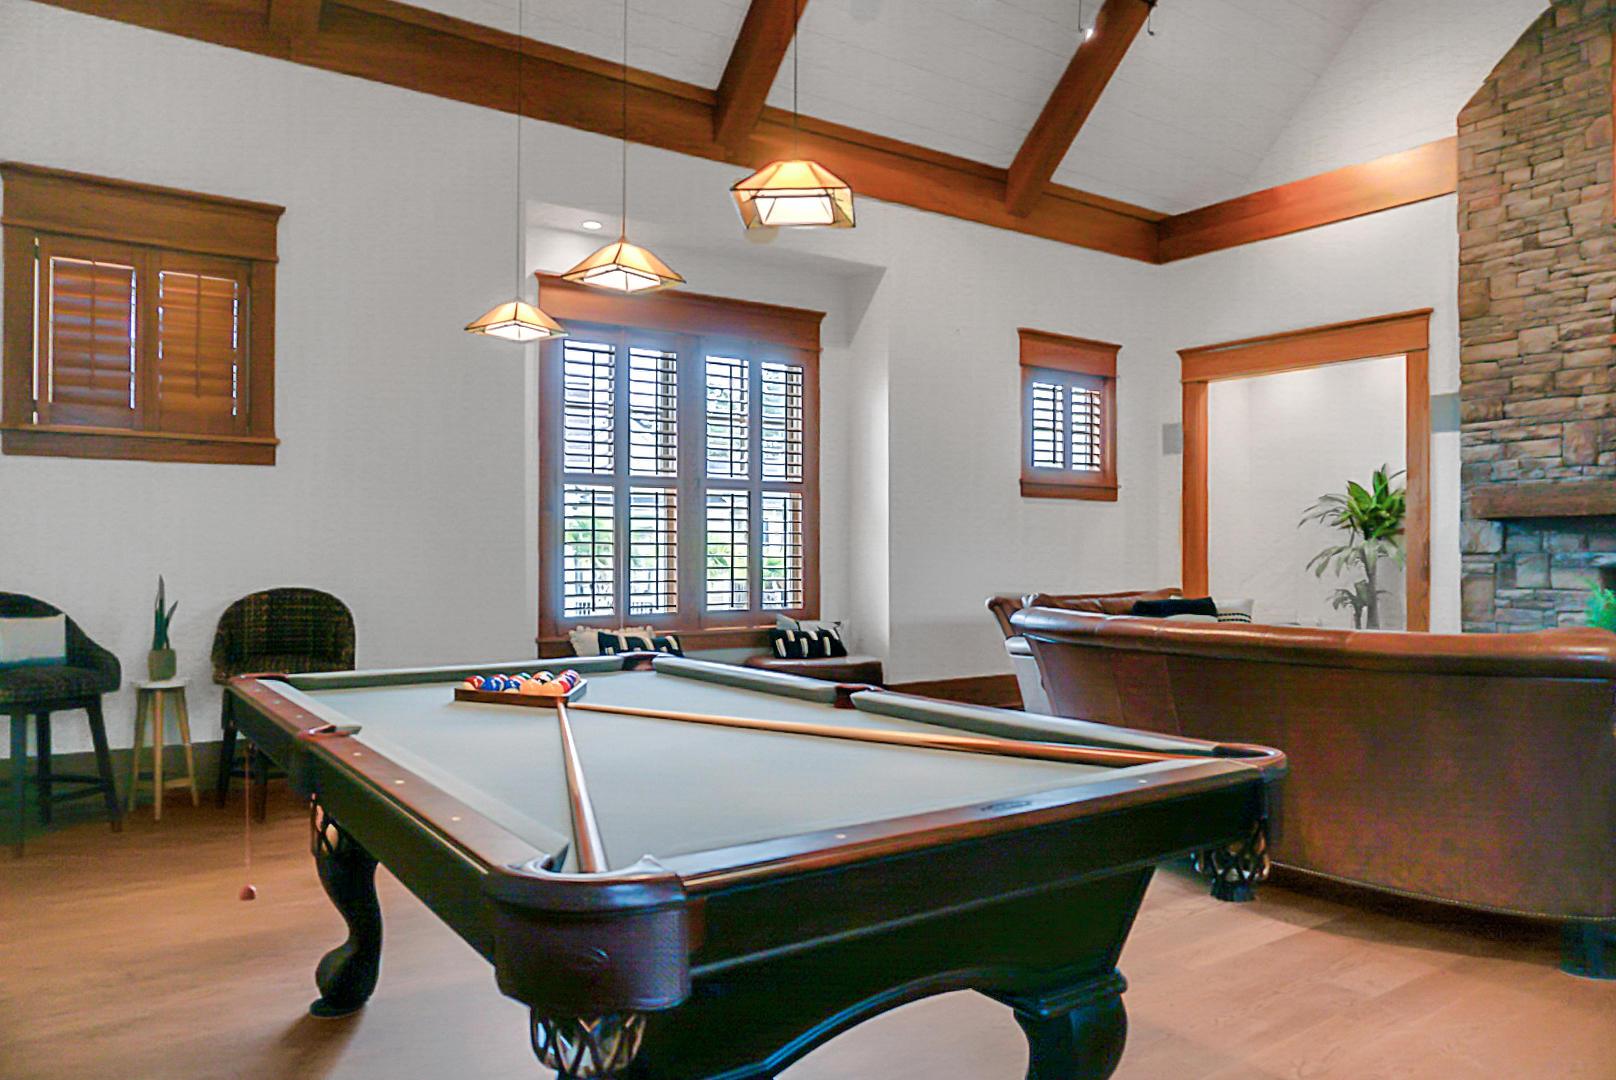 Dunes West Homes For Sale - 2978 River Vista, Mount Pleasant, SC - 6